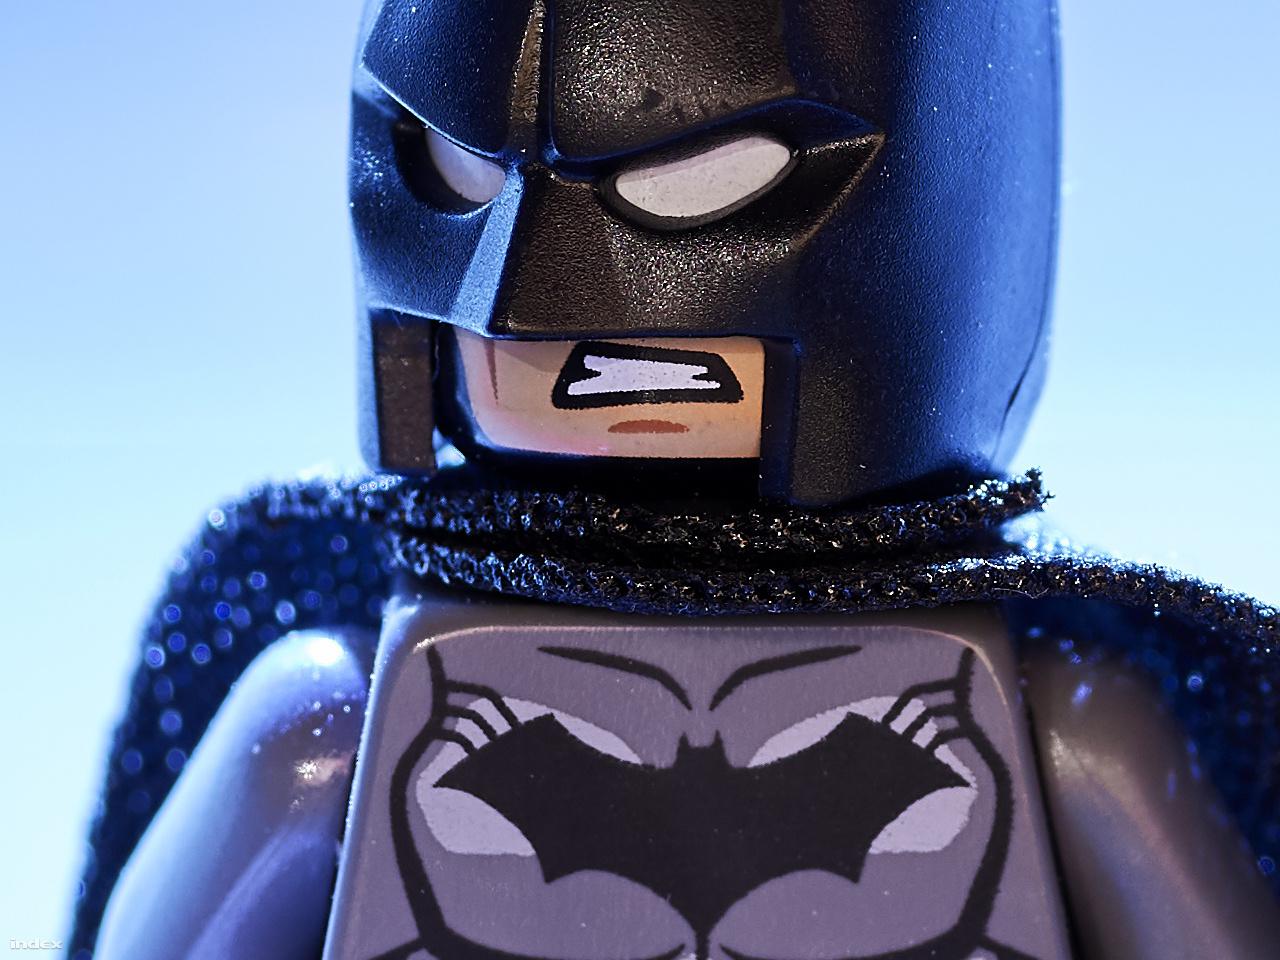 Ilyen nagyításban talán még senki nem látott Lego Batman figurát – 100 százalékos képkivágás a fenti fotó 150 megapixeles eredetijéből.